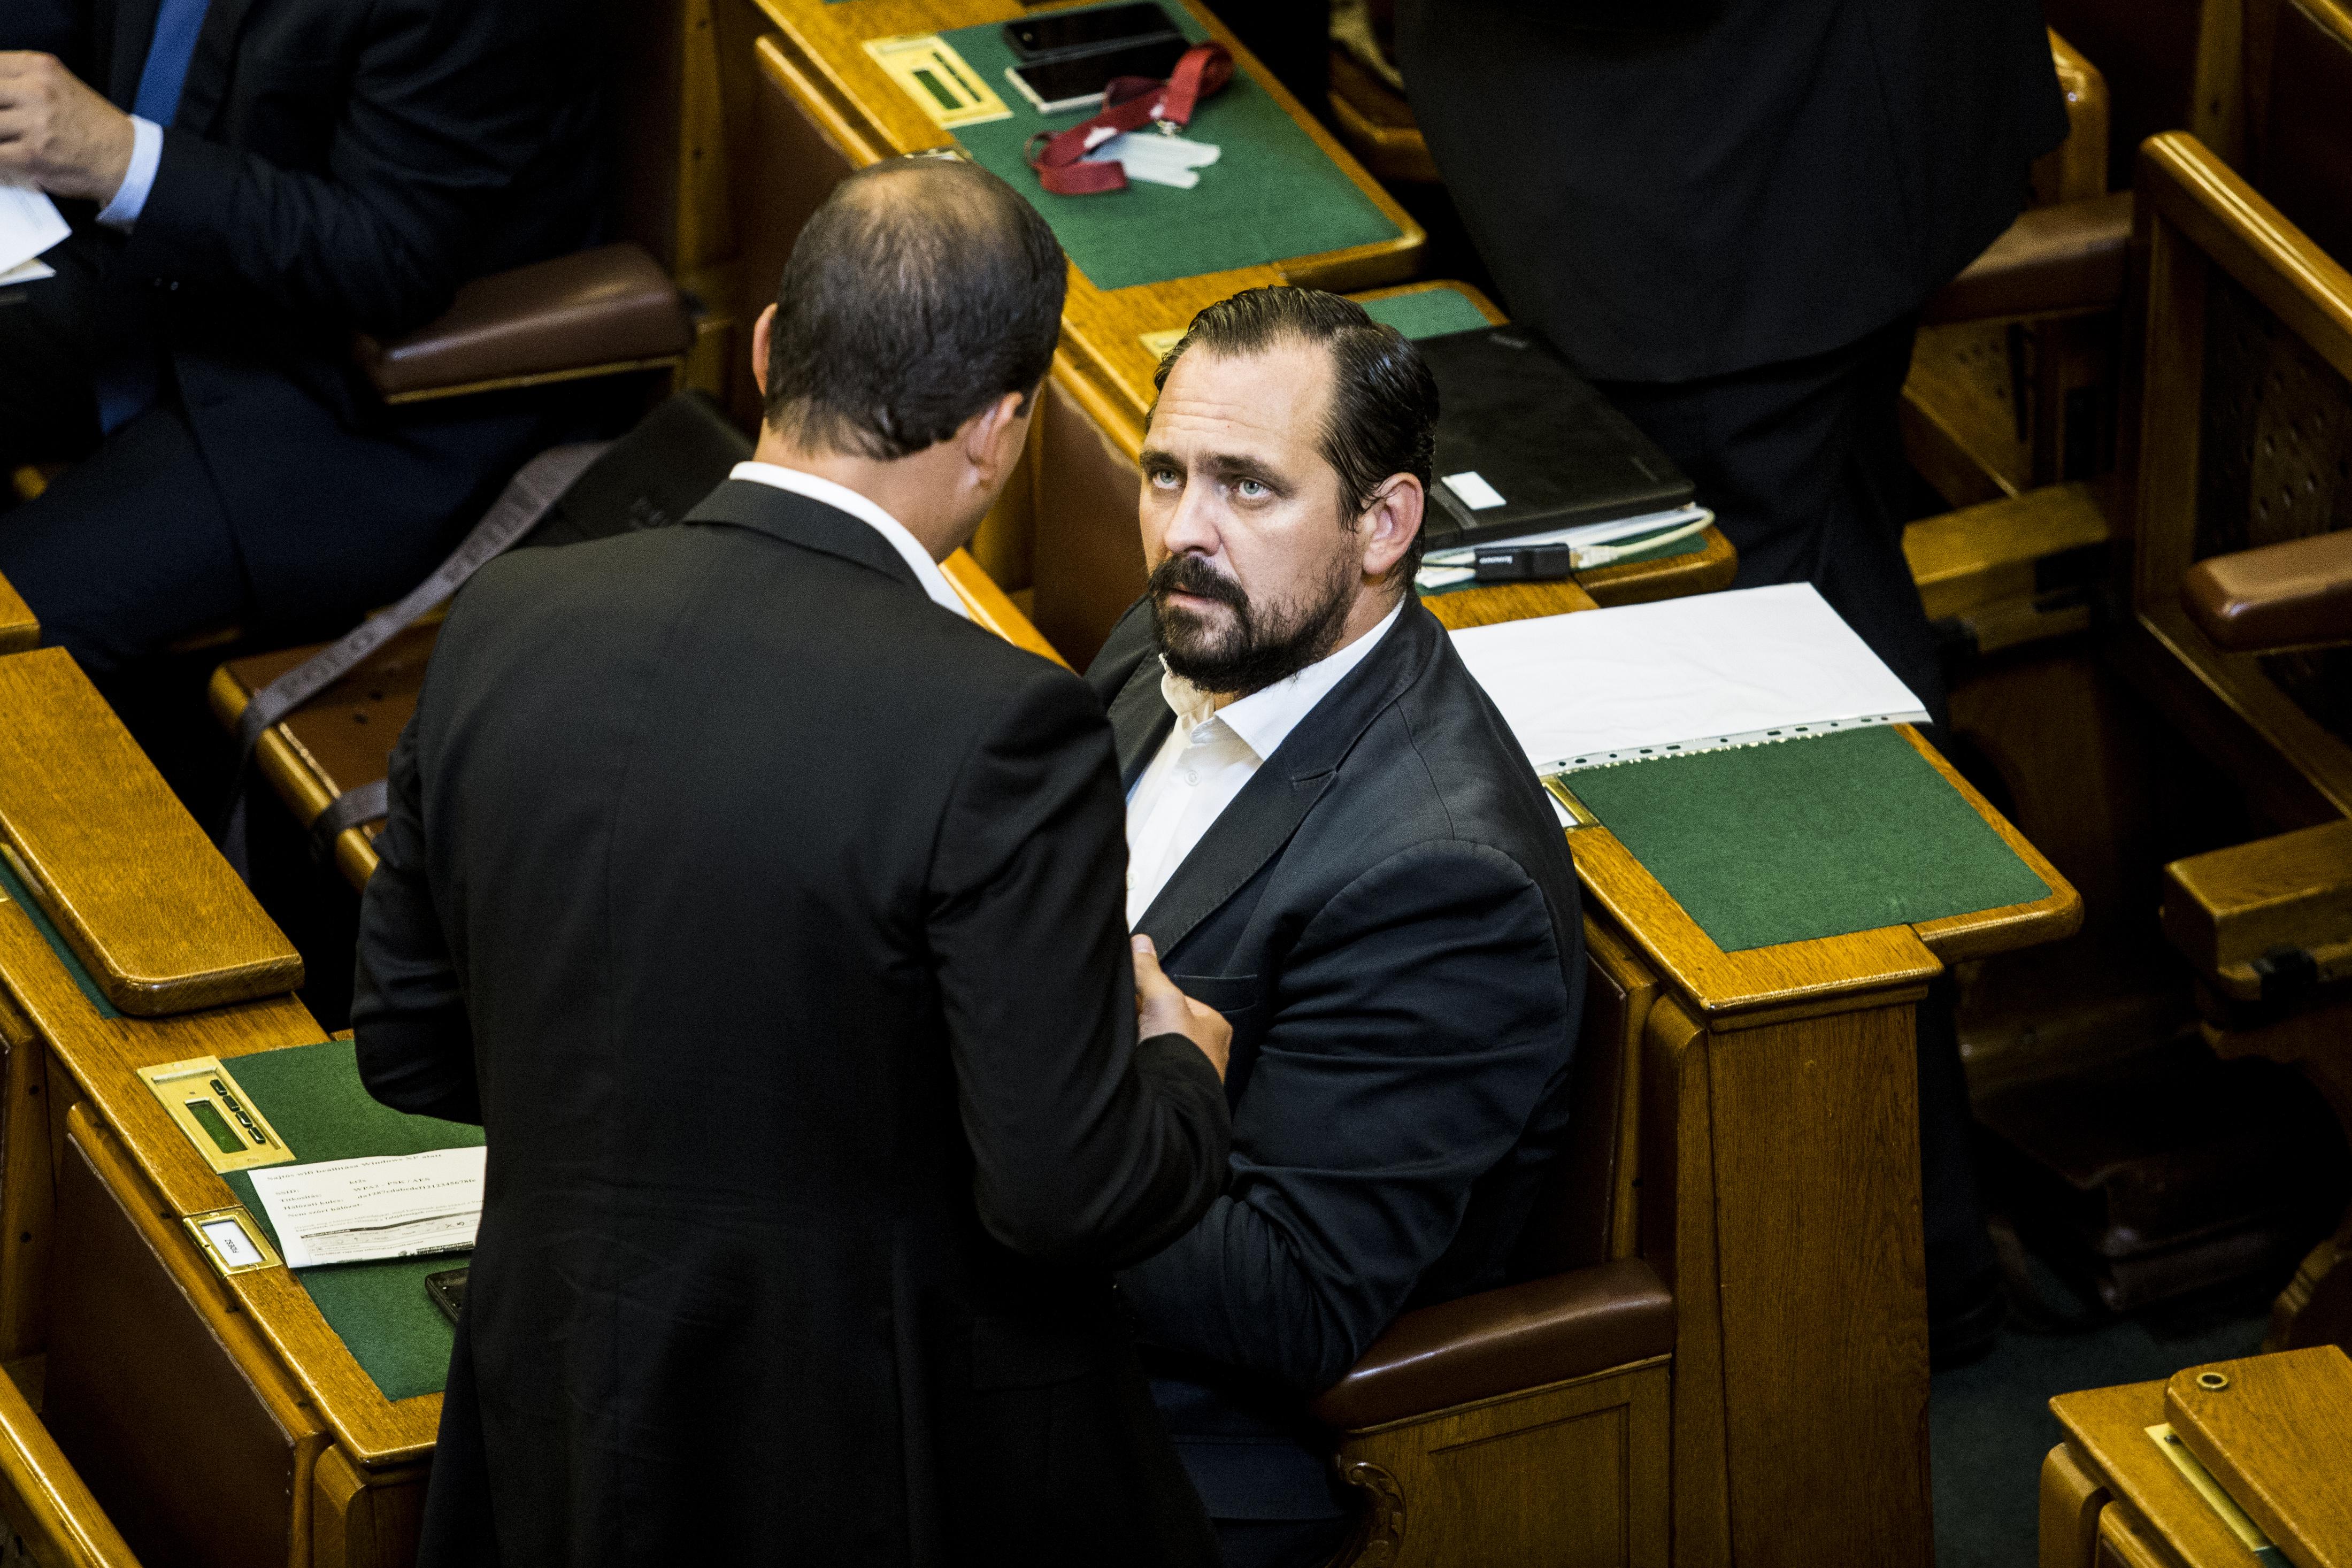 Megszólalni se mernek a Fidesz fekete bárányai a parlamentben